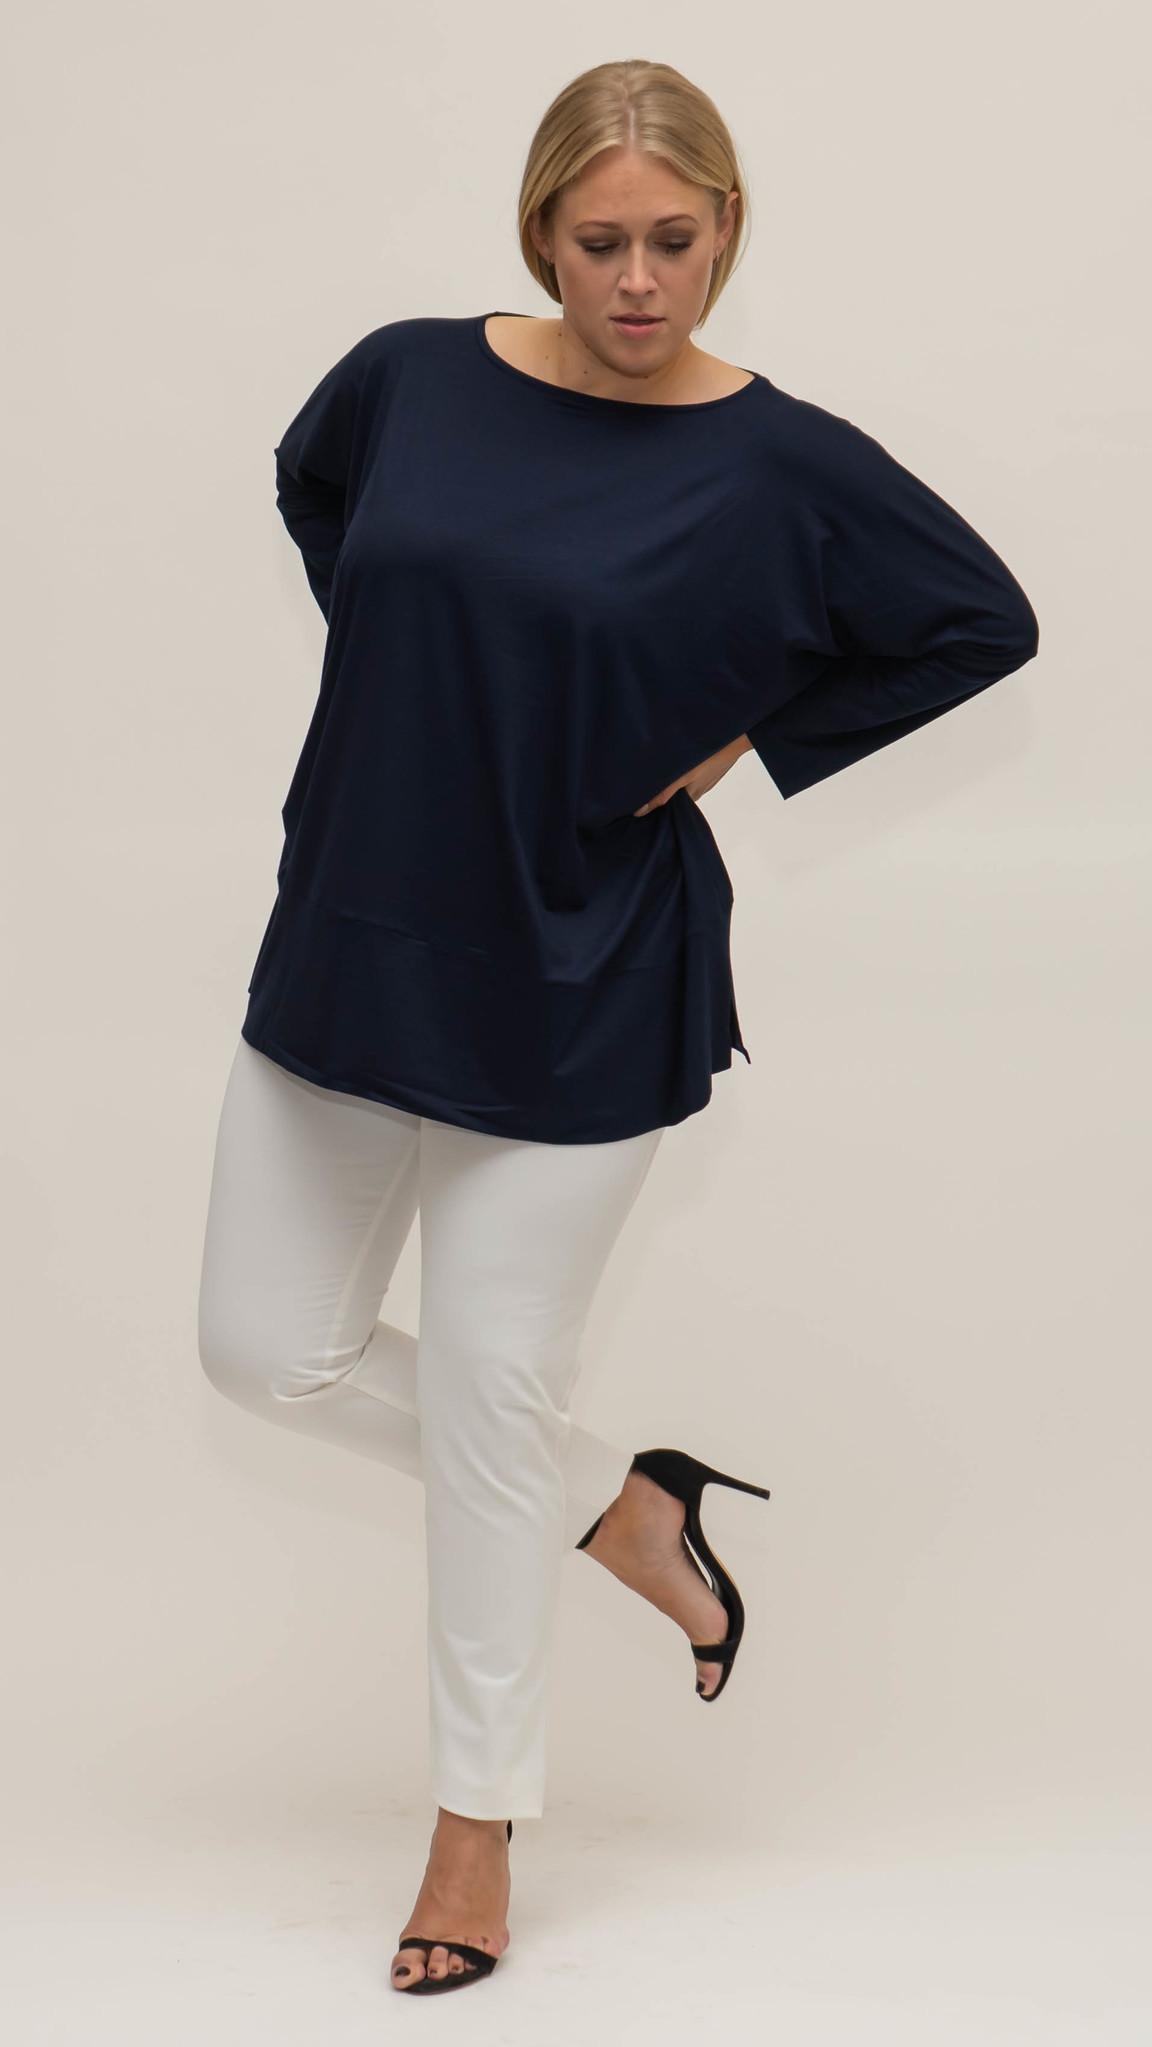 MAYA Shirt in Viscose-Jersey-6